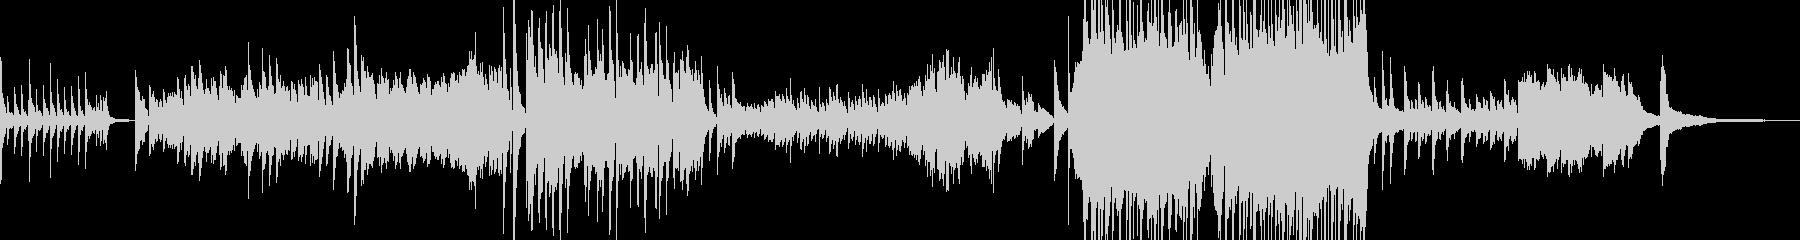 涙の場面をイメージしたピアノバラード Aの未再生の波形